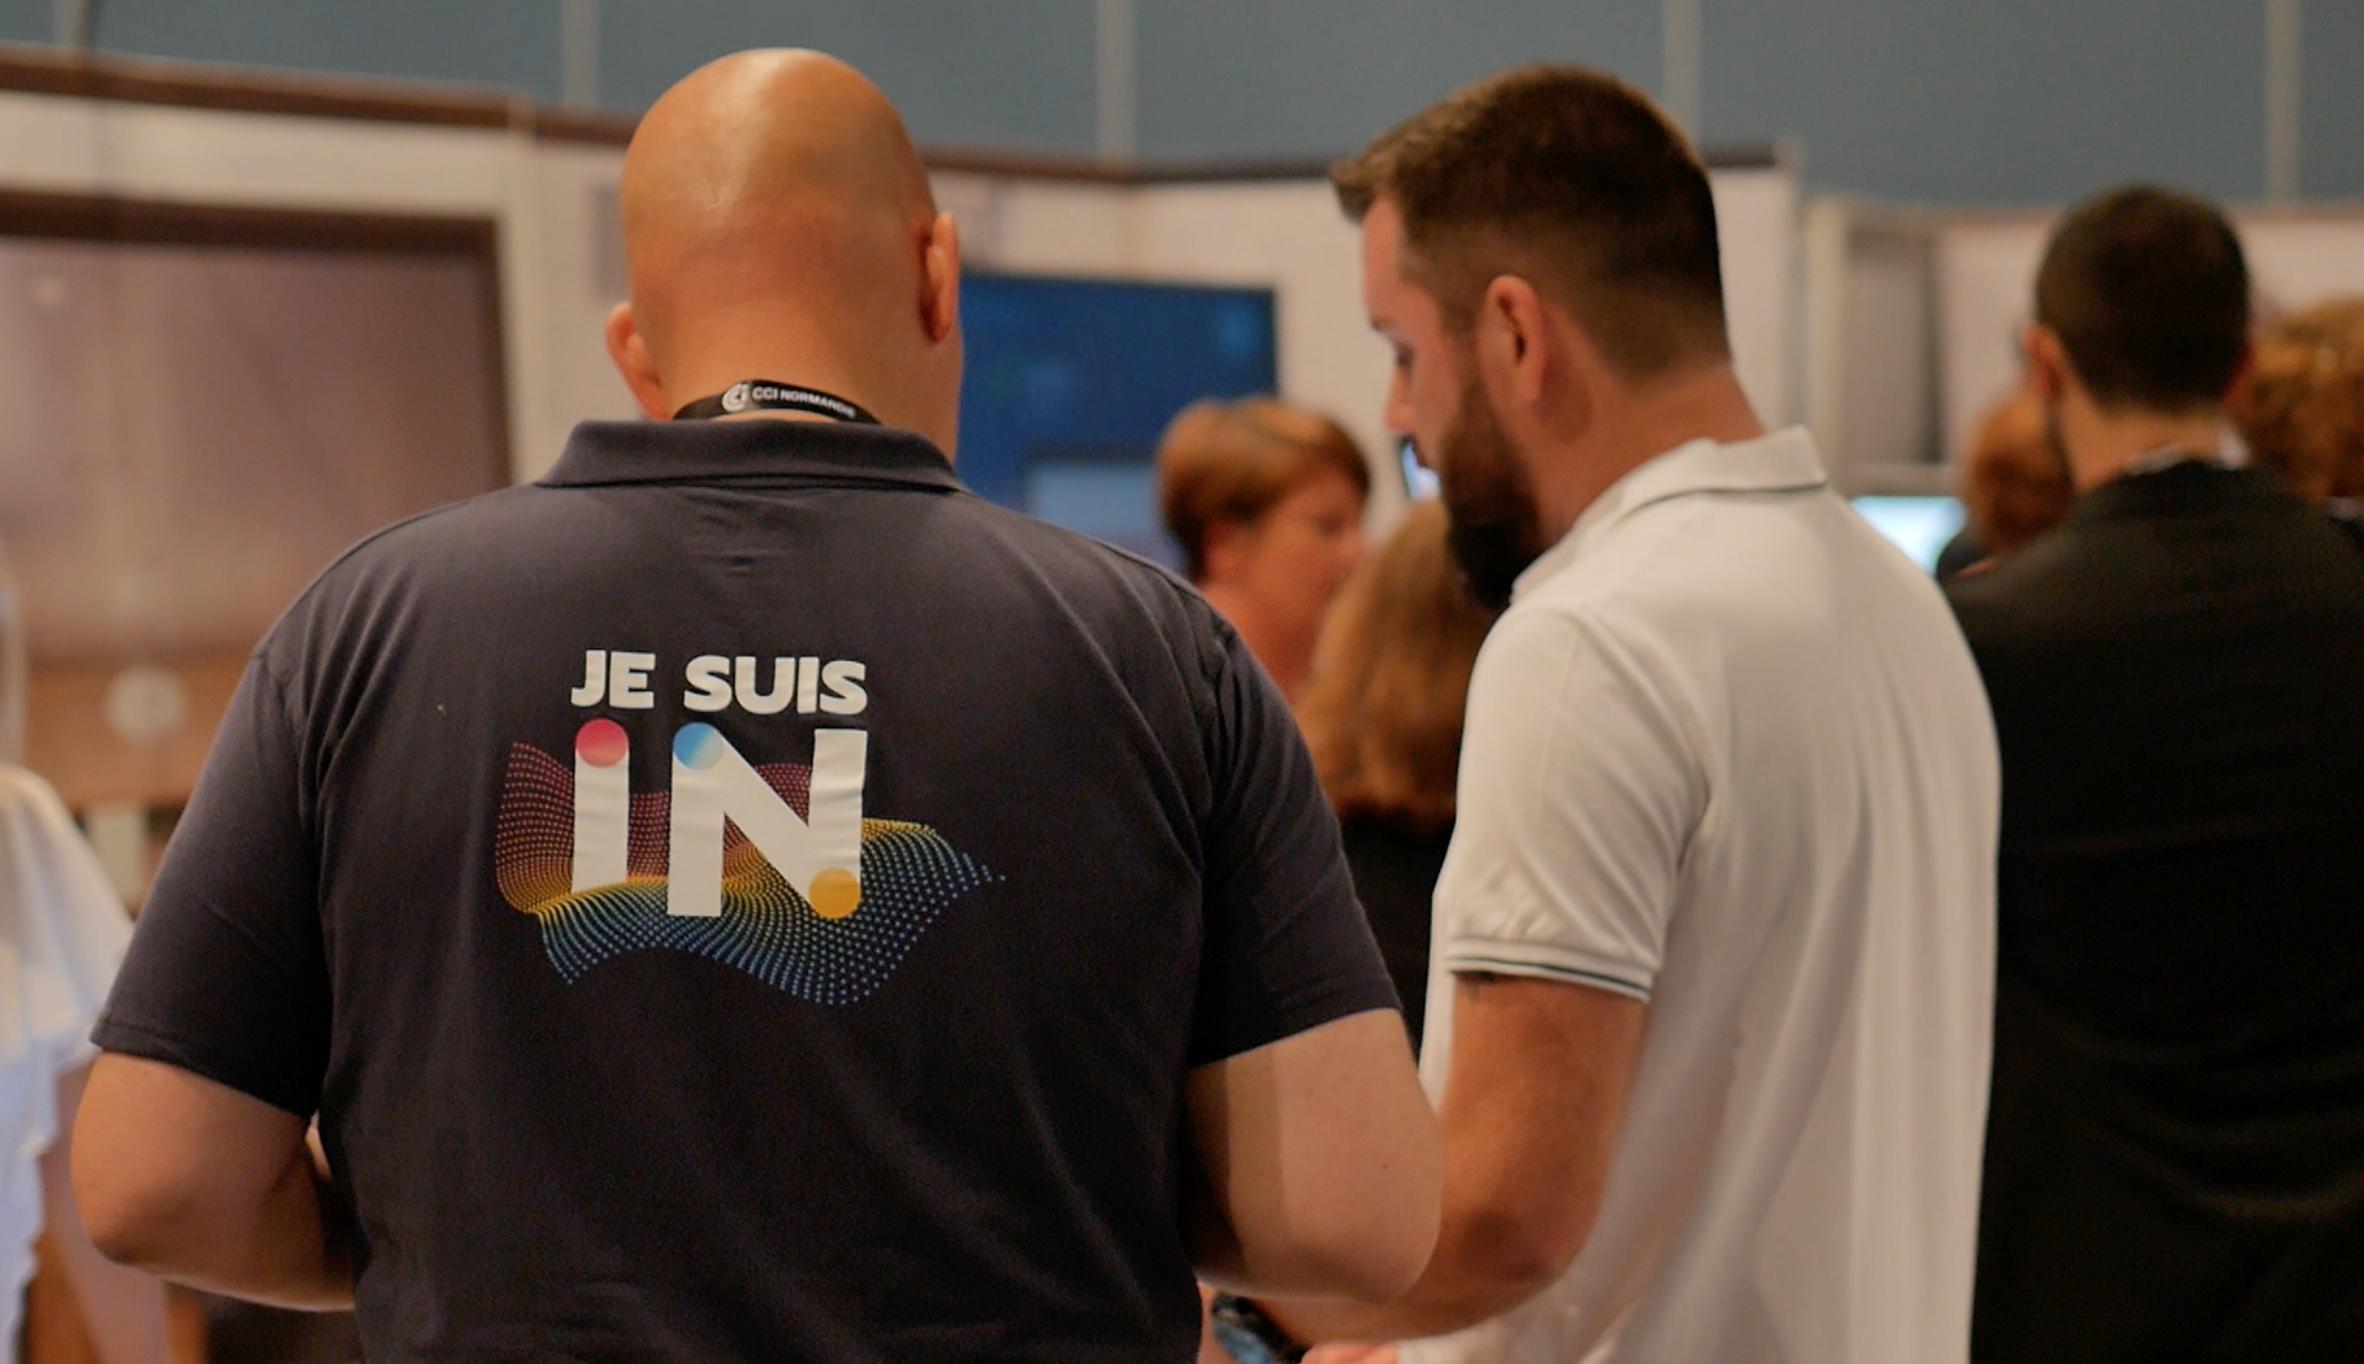 PumpUp à la pointe de l'innovation digitale au salon In Normandy